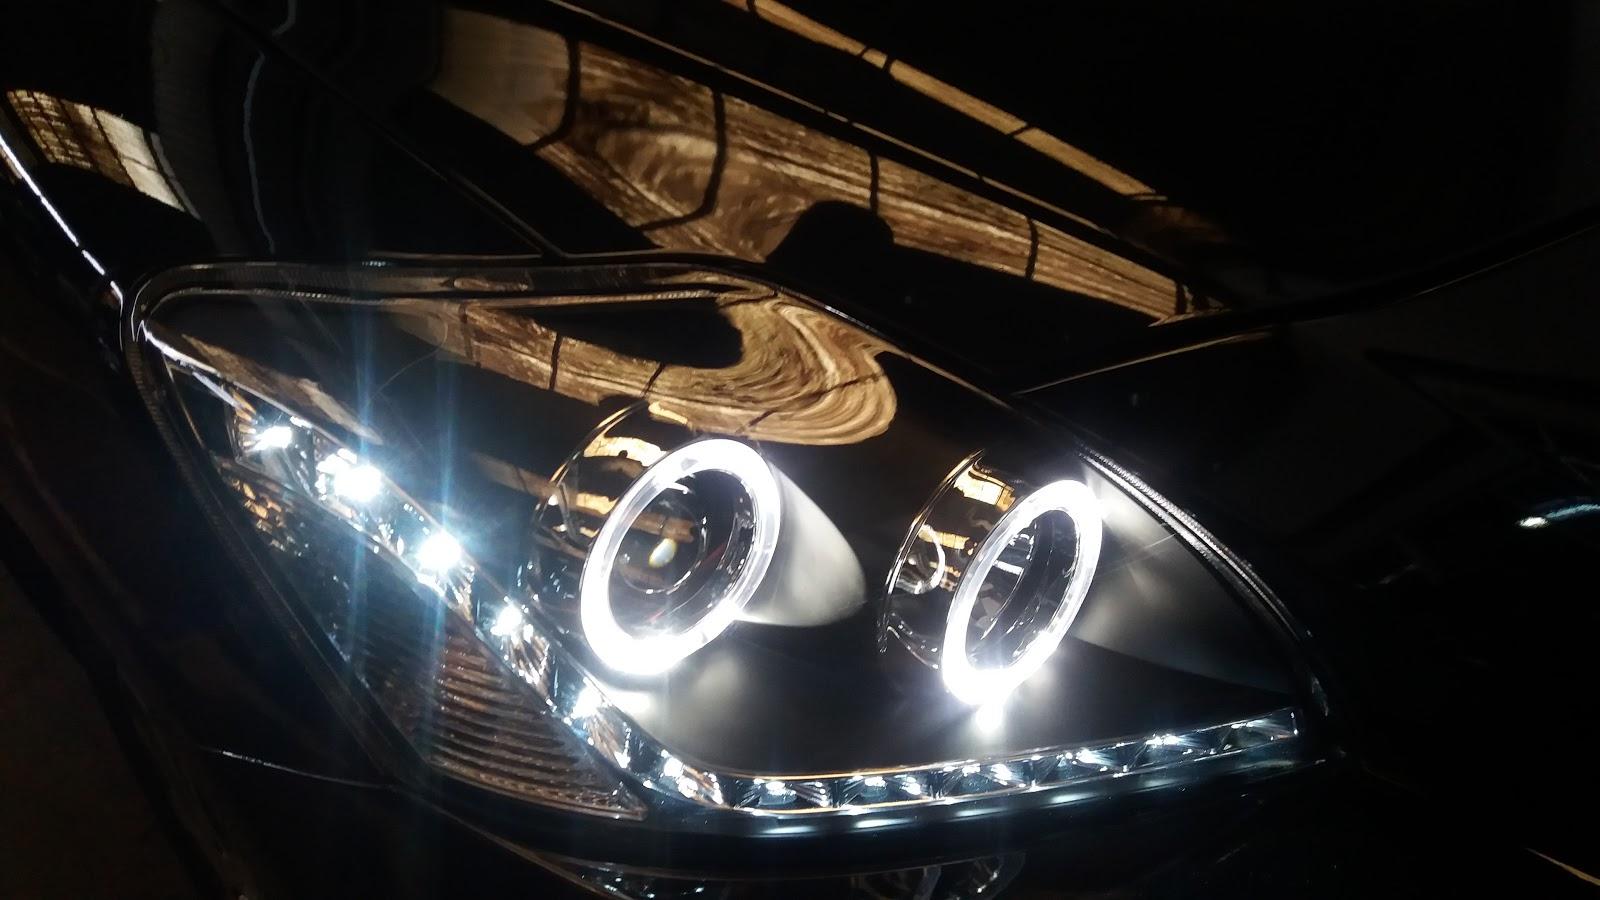 82+ Modifikasi Lampu Mobil Bekasi Gratis Terbaik